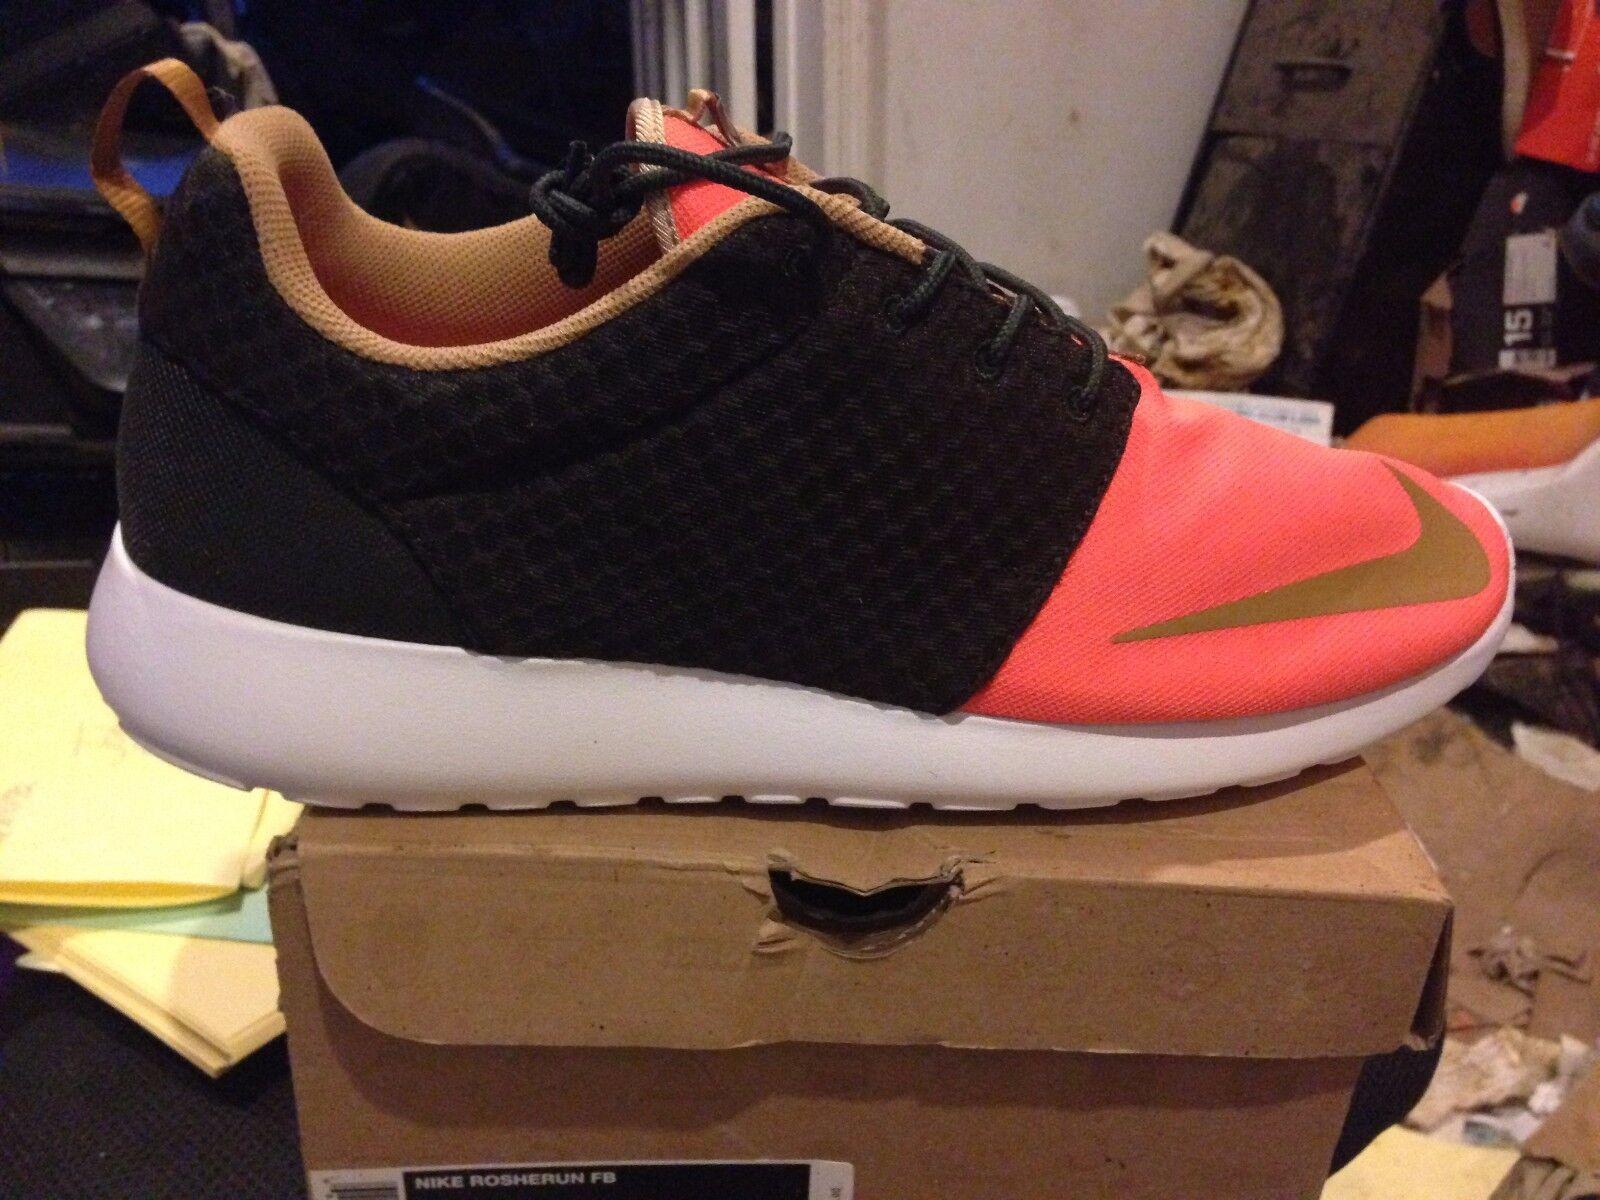 Nike rosherun fb bnib oro / / oro org / verde / - numero 15 d7f92b